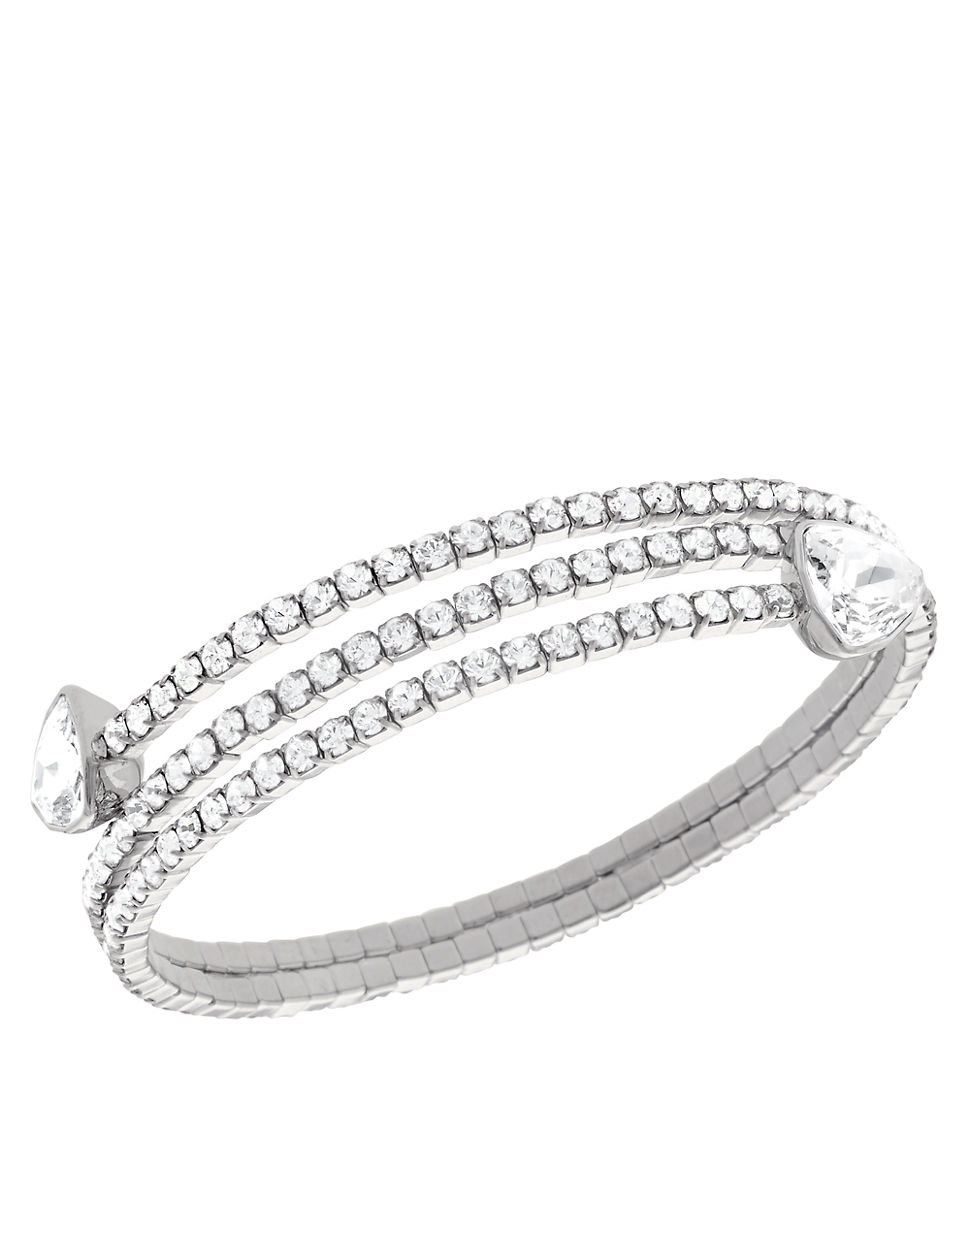 Swarovski Twisty Silver Tone Crystal Triangle Bangle Bracelet In